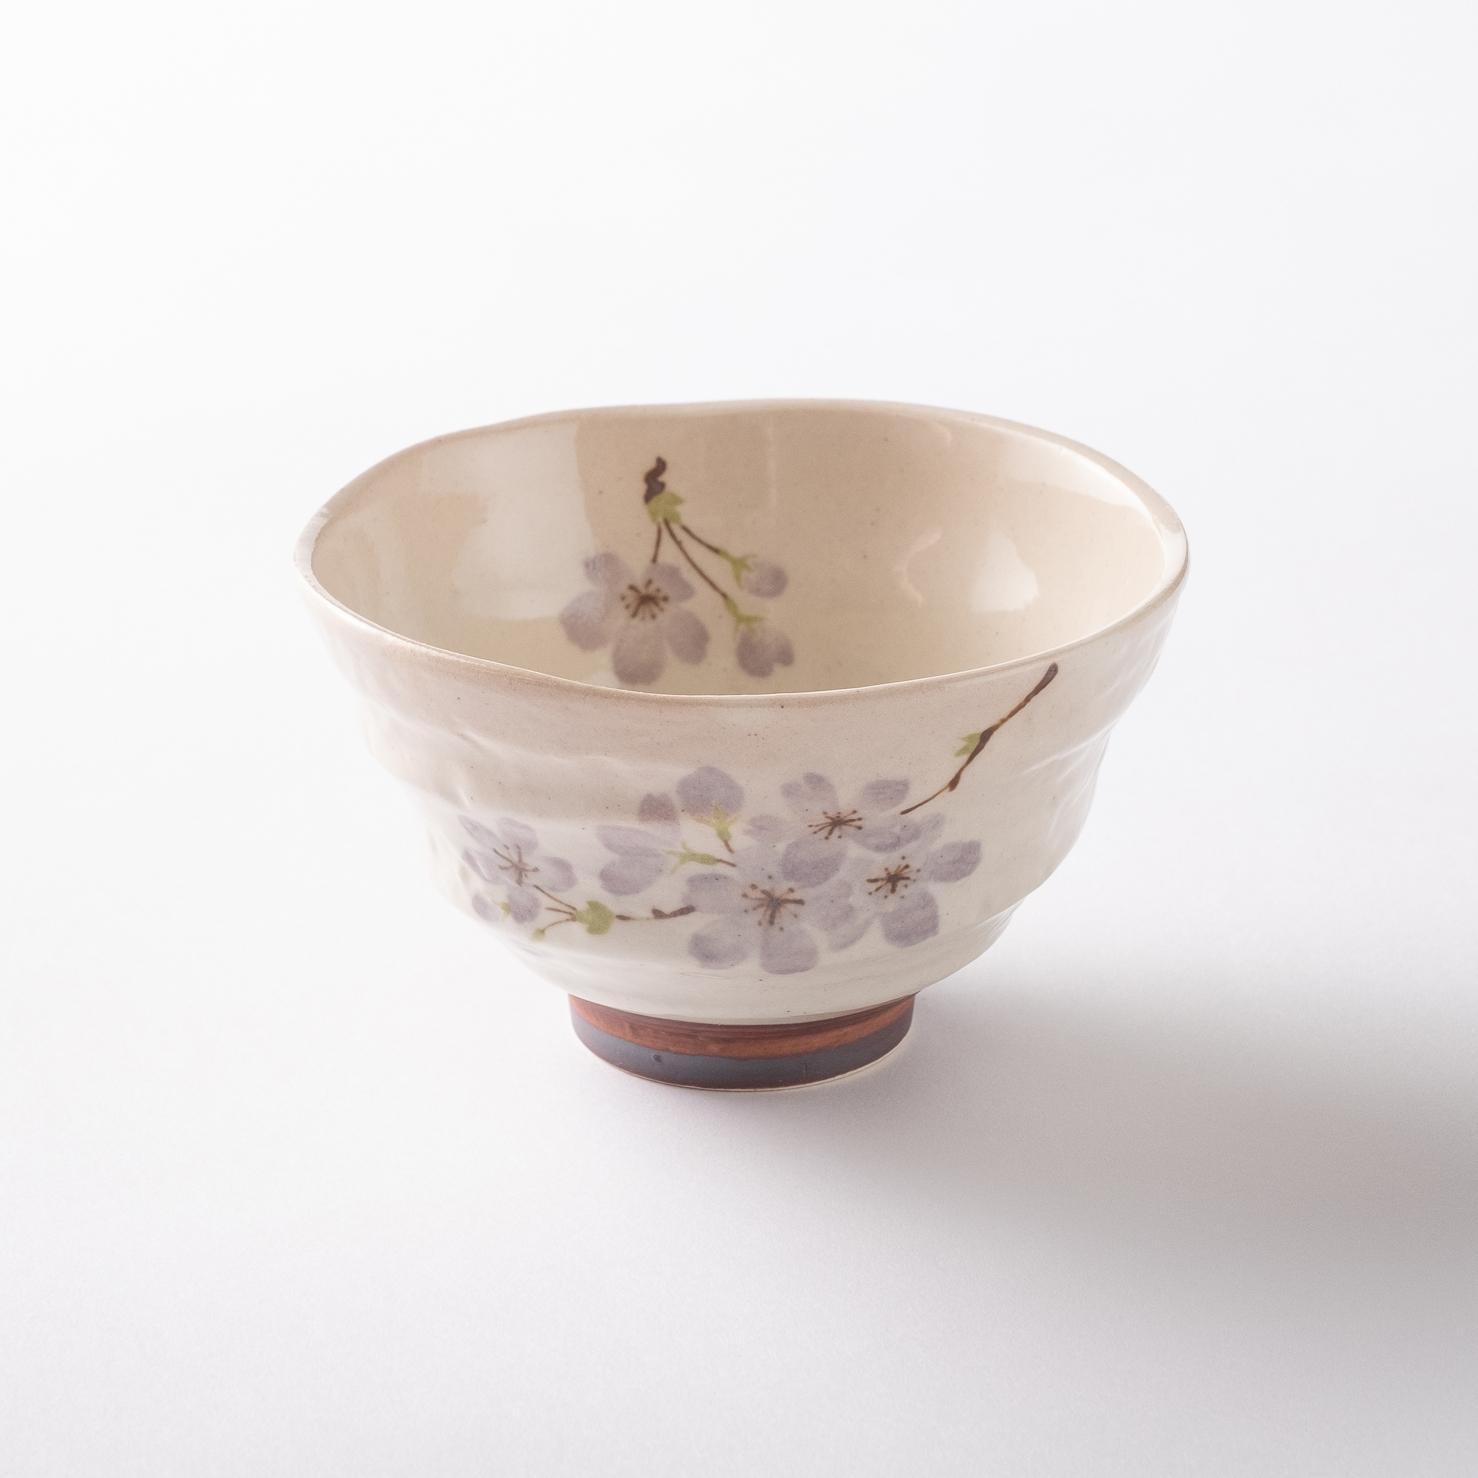 【美濃焼】軽量茶碗「軽い飯碗 京桜 紫」